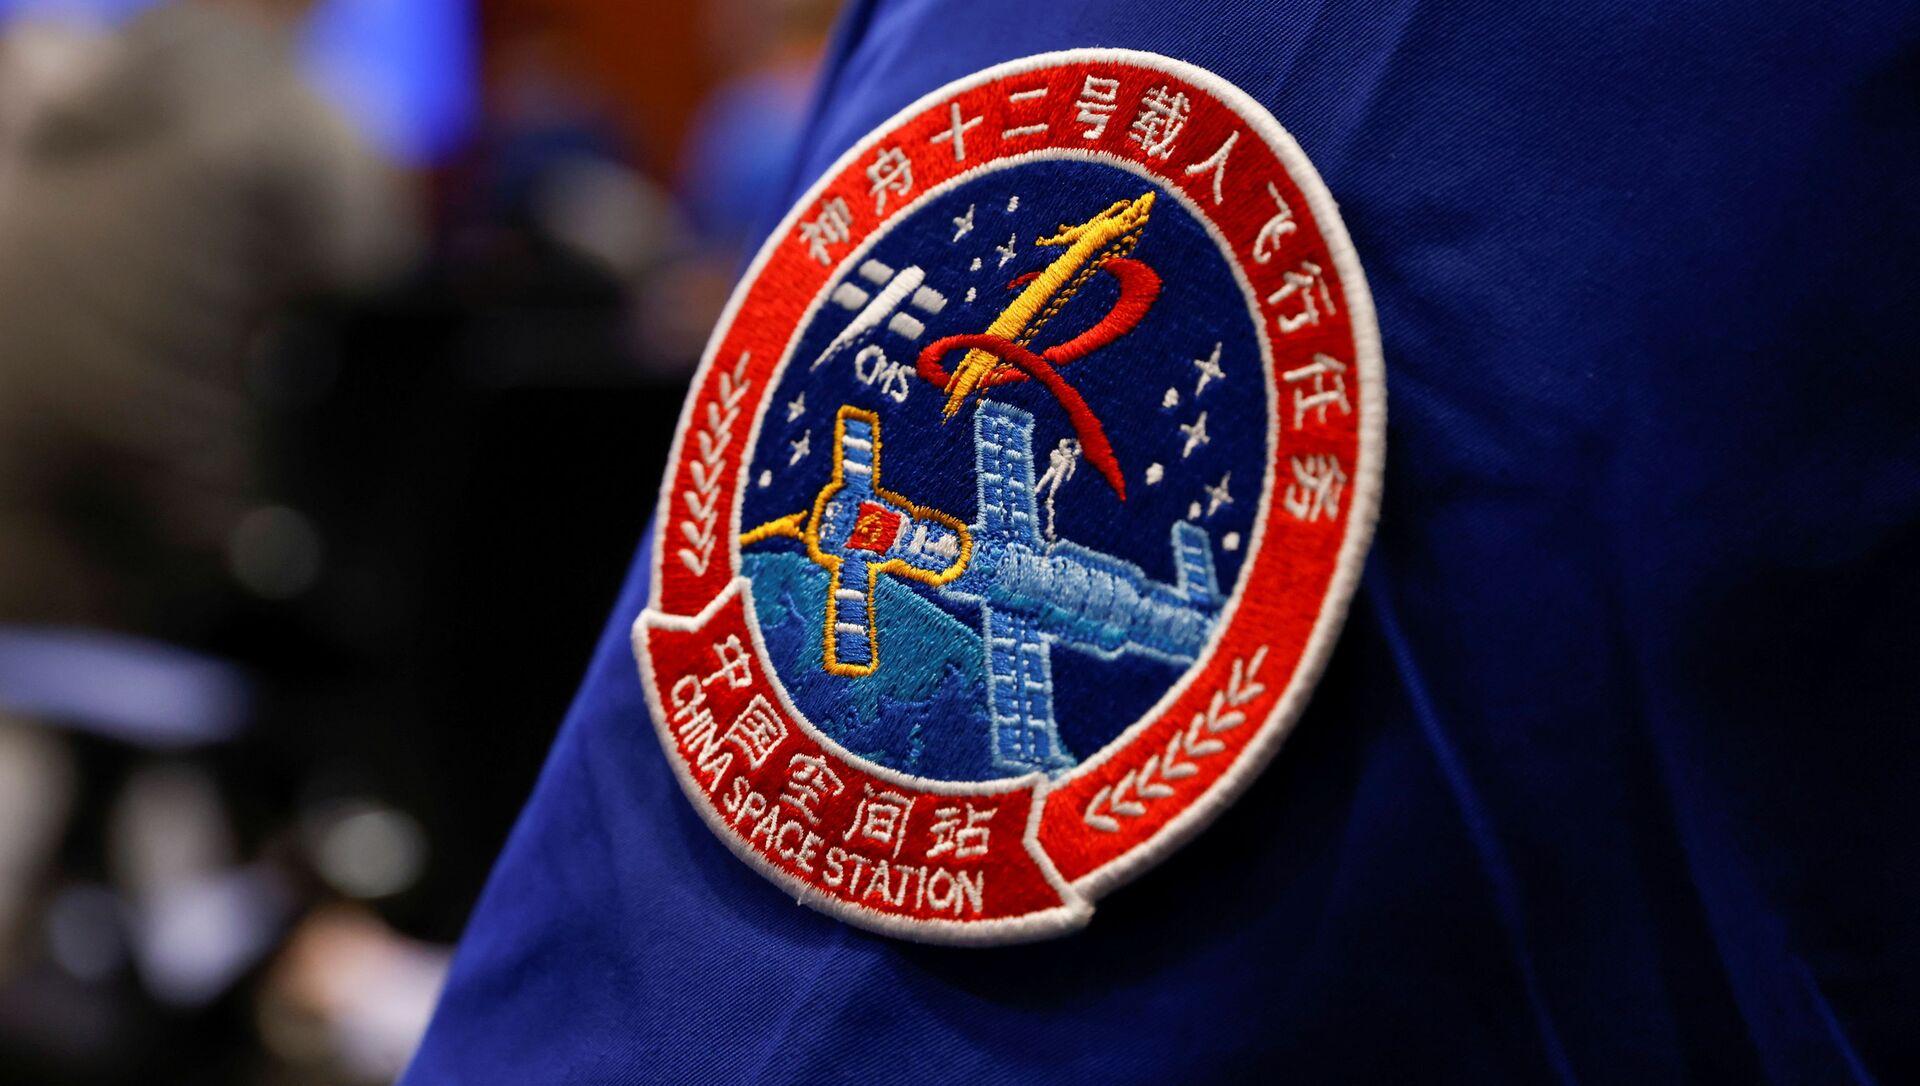 「神舟12号」の降下カプセル 3人の宇宙飛行士を乗せ中国北部に着陸 - Sputnik 日本, 1920, 17.09.2021